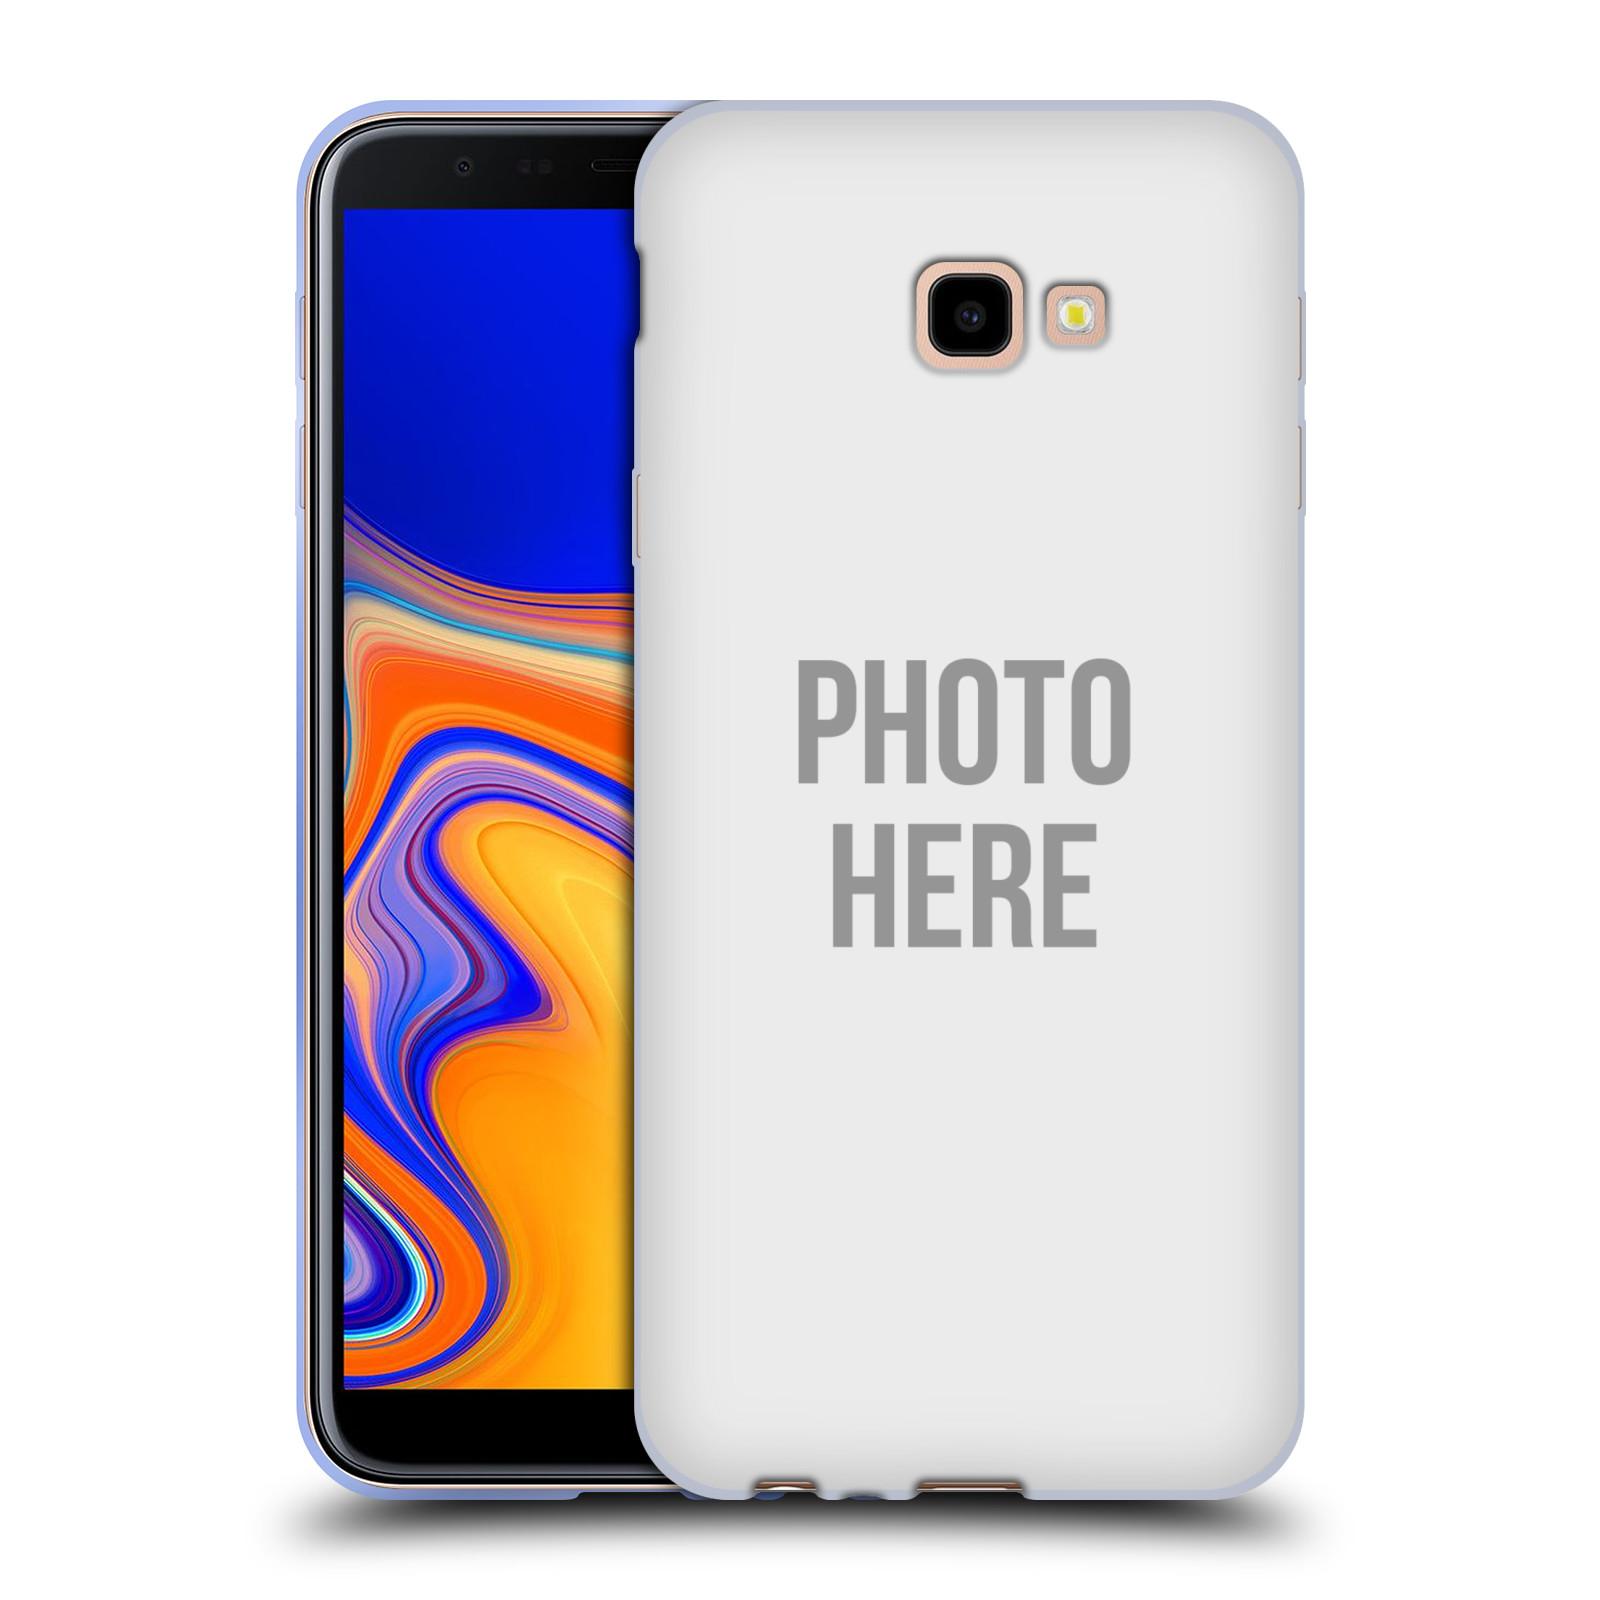 Silikonové pouzdro na mobil Samsung Galaxy J4 Plus - Head Case - s vlastním motivem